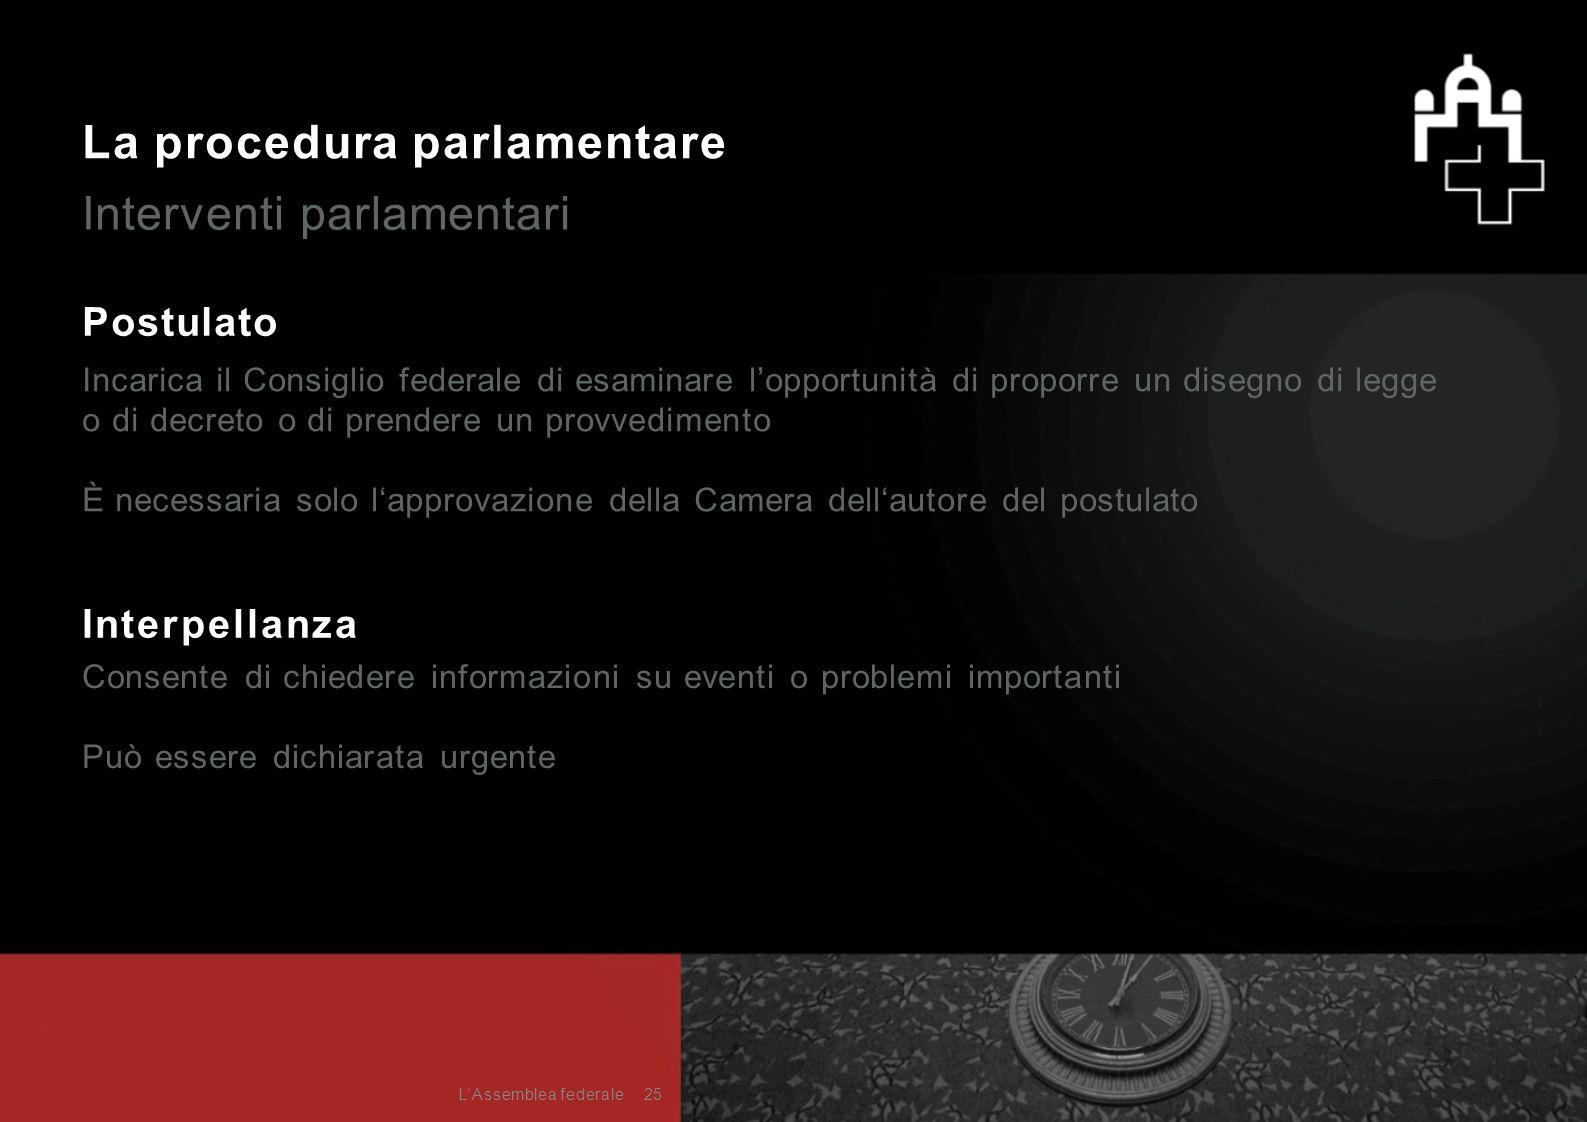 La procedura parlamentare Interventi parlamentari Postulato Incarica il Consiglio federale di esaminare l'opportunità di proporre un disegno di legge